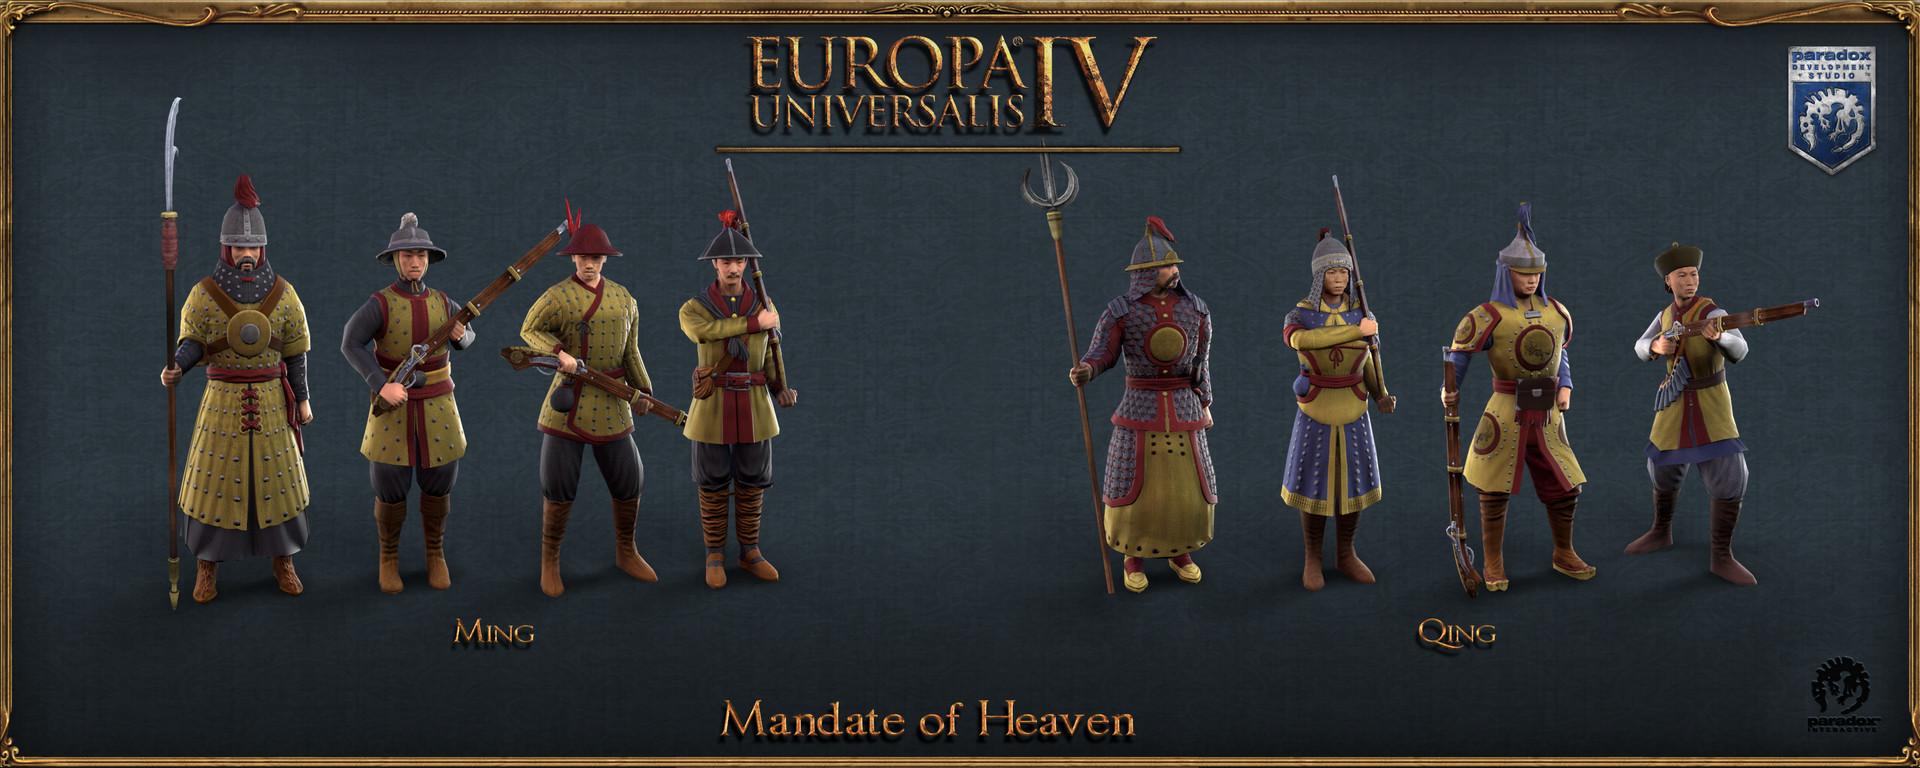 Скачать europa universalis iv: cradle of civilization / европа 4.